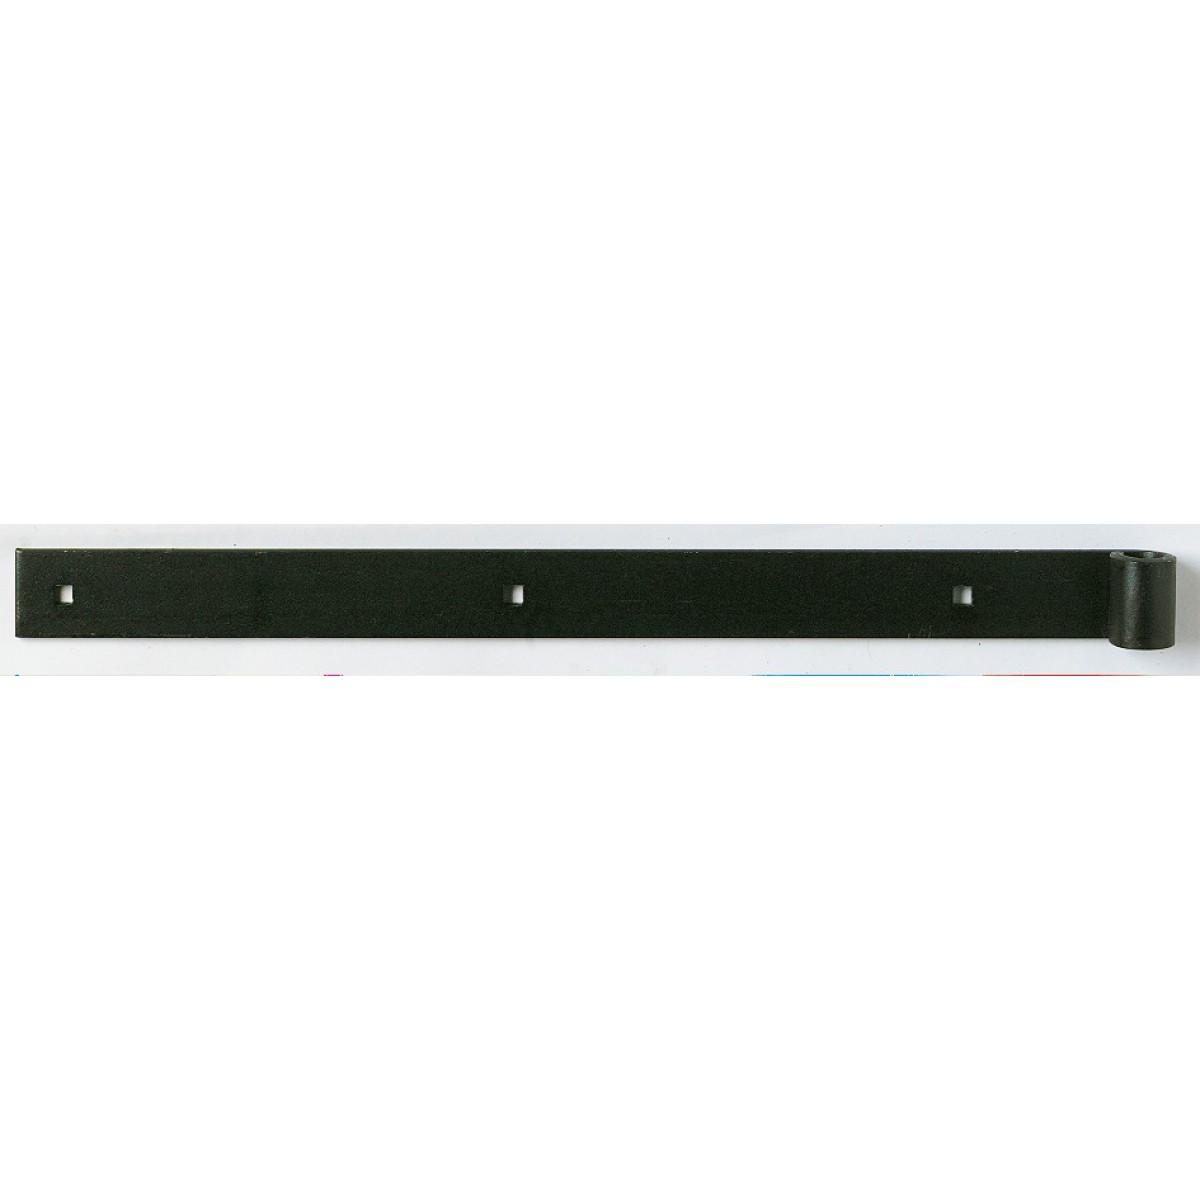 Penture queue carrée droite Poulain - Gond 16 mm - Fer 40 x 5 mm - Longueur 100 cm